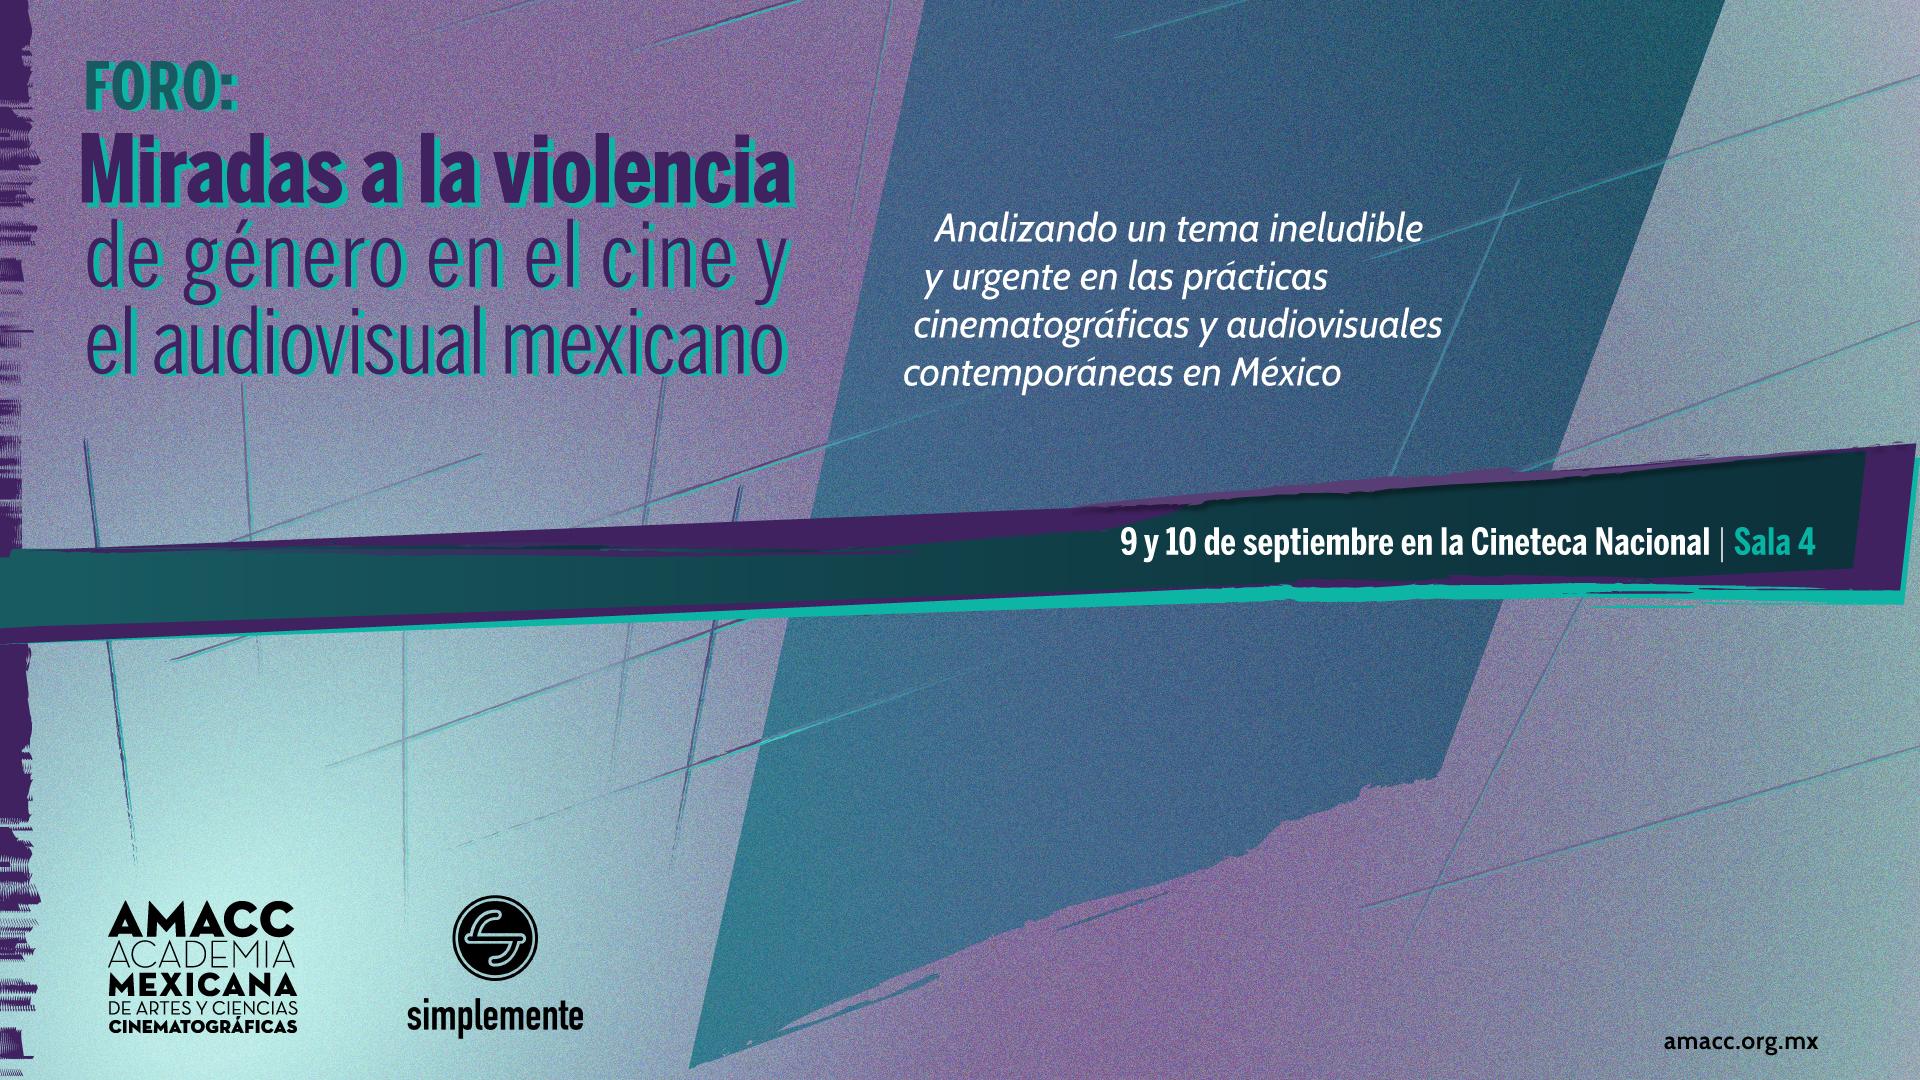 La AMACC organizó el Foro: Miradas a la violencia de género en el cine y el audiovisual mexicano